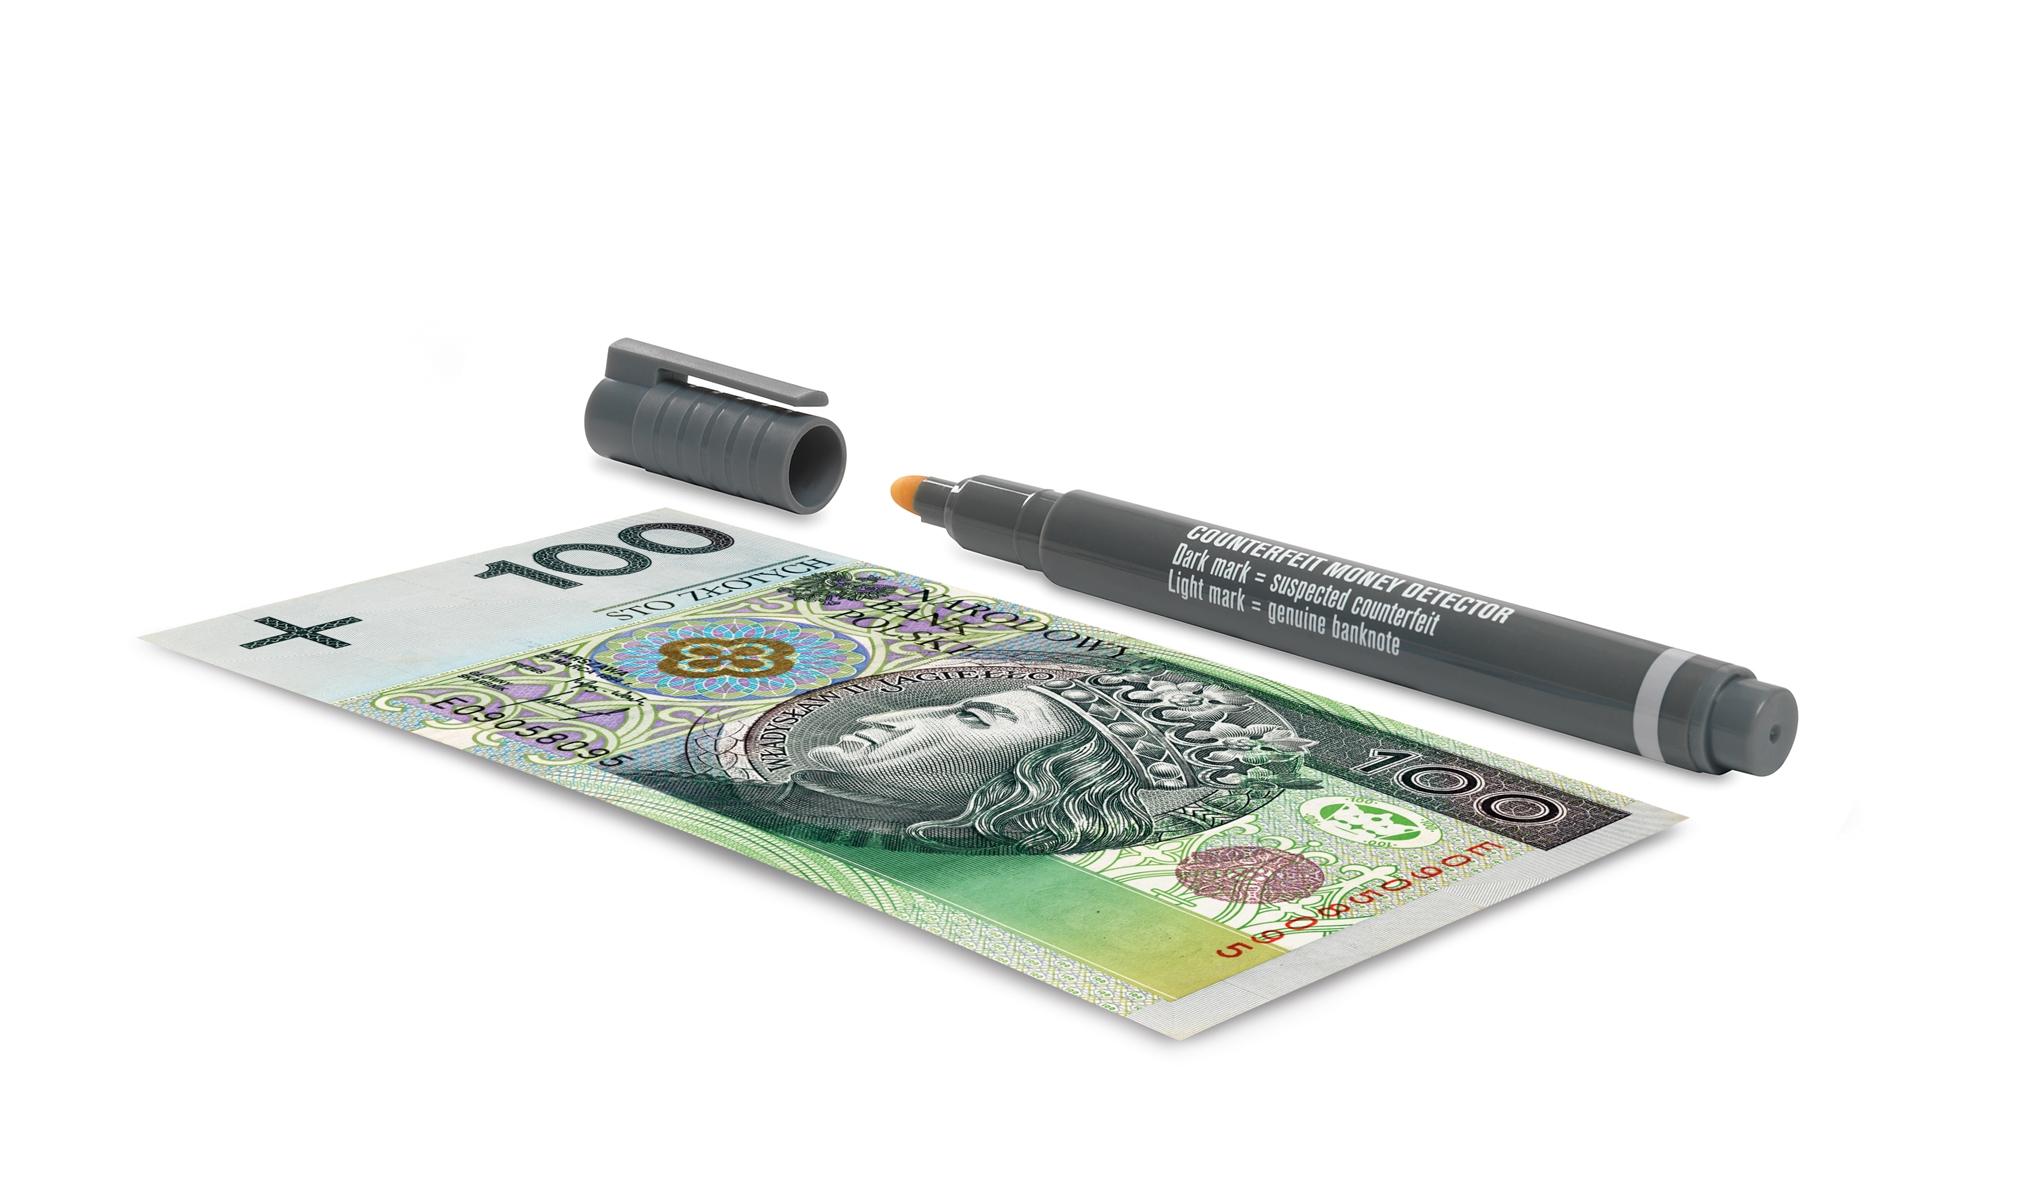 safescan-30-marker-tester-pieniedzy